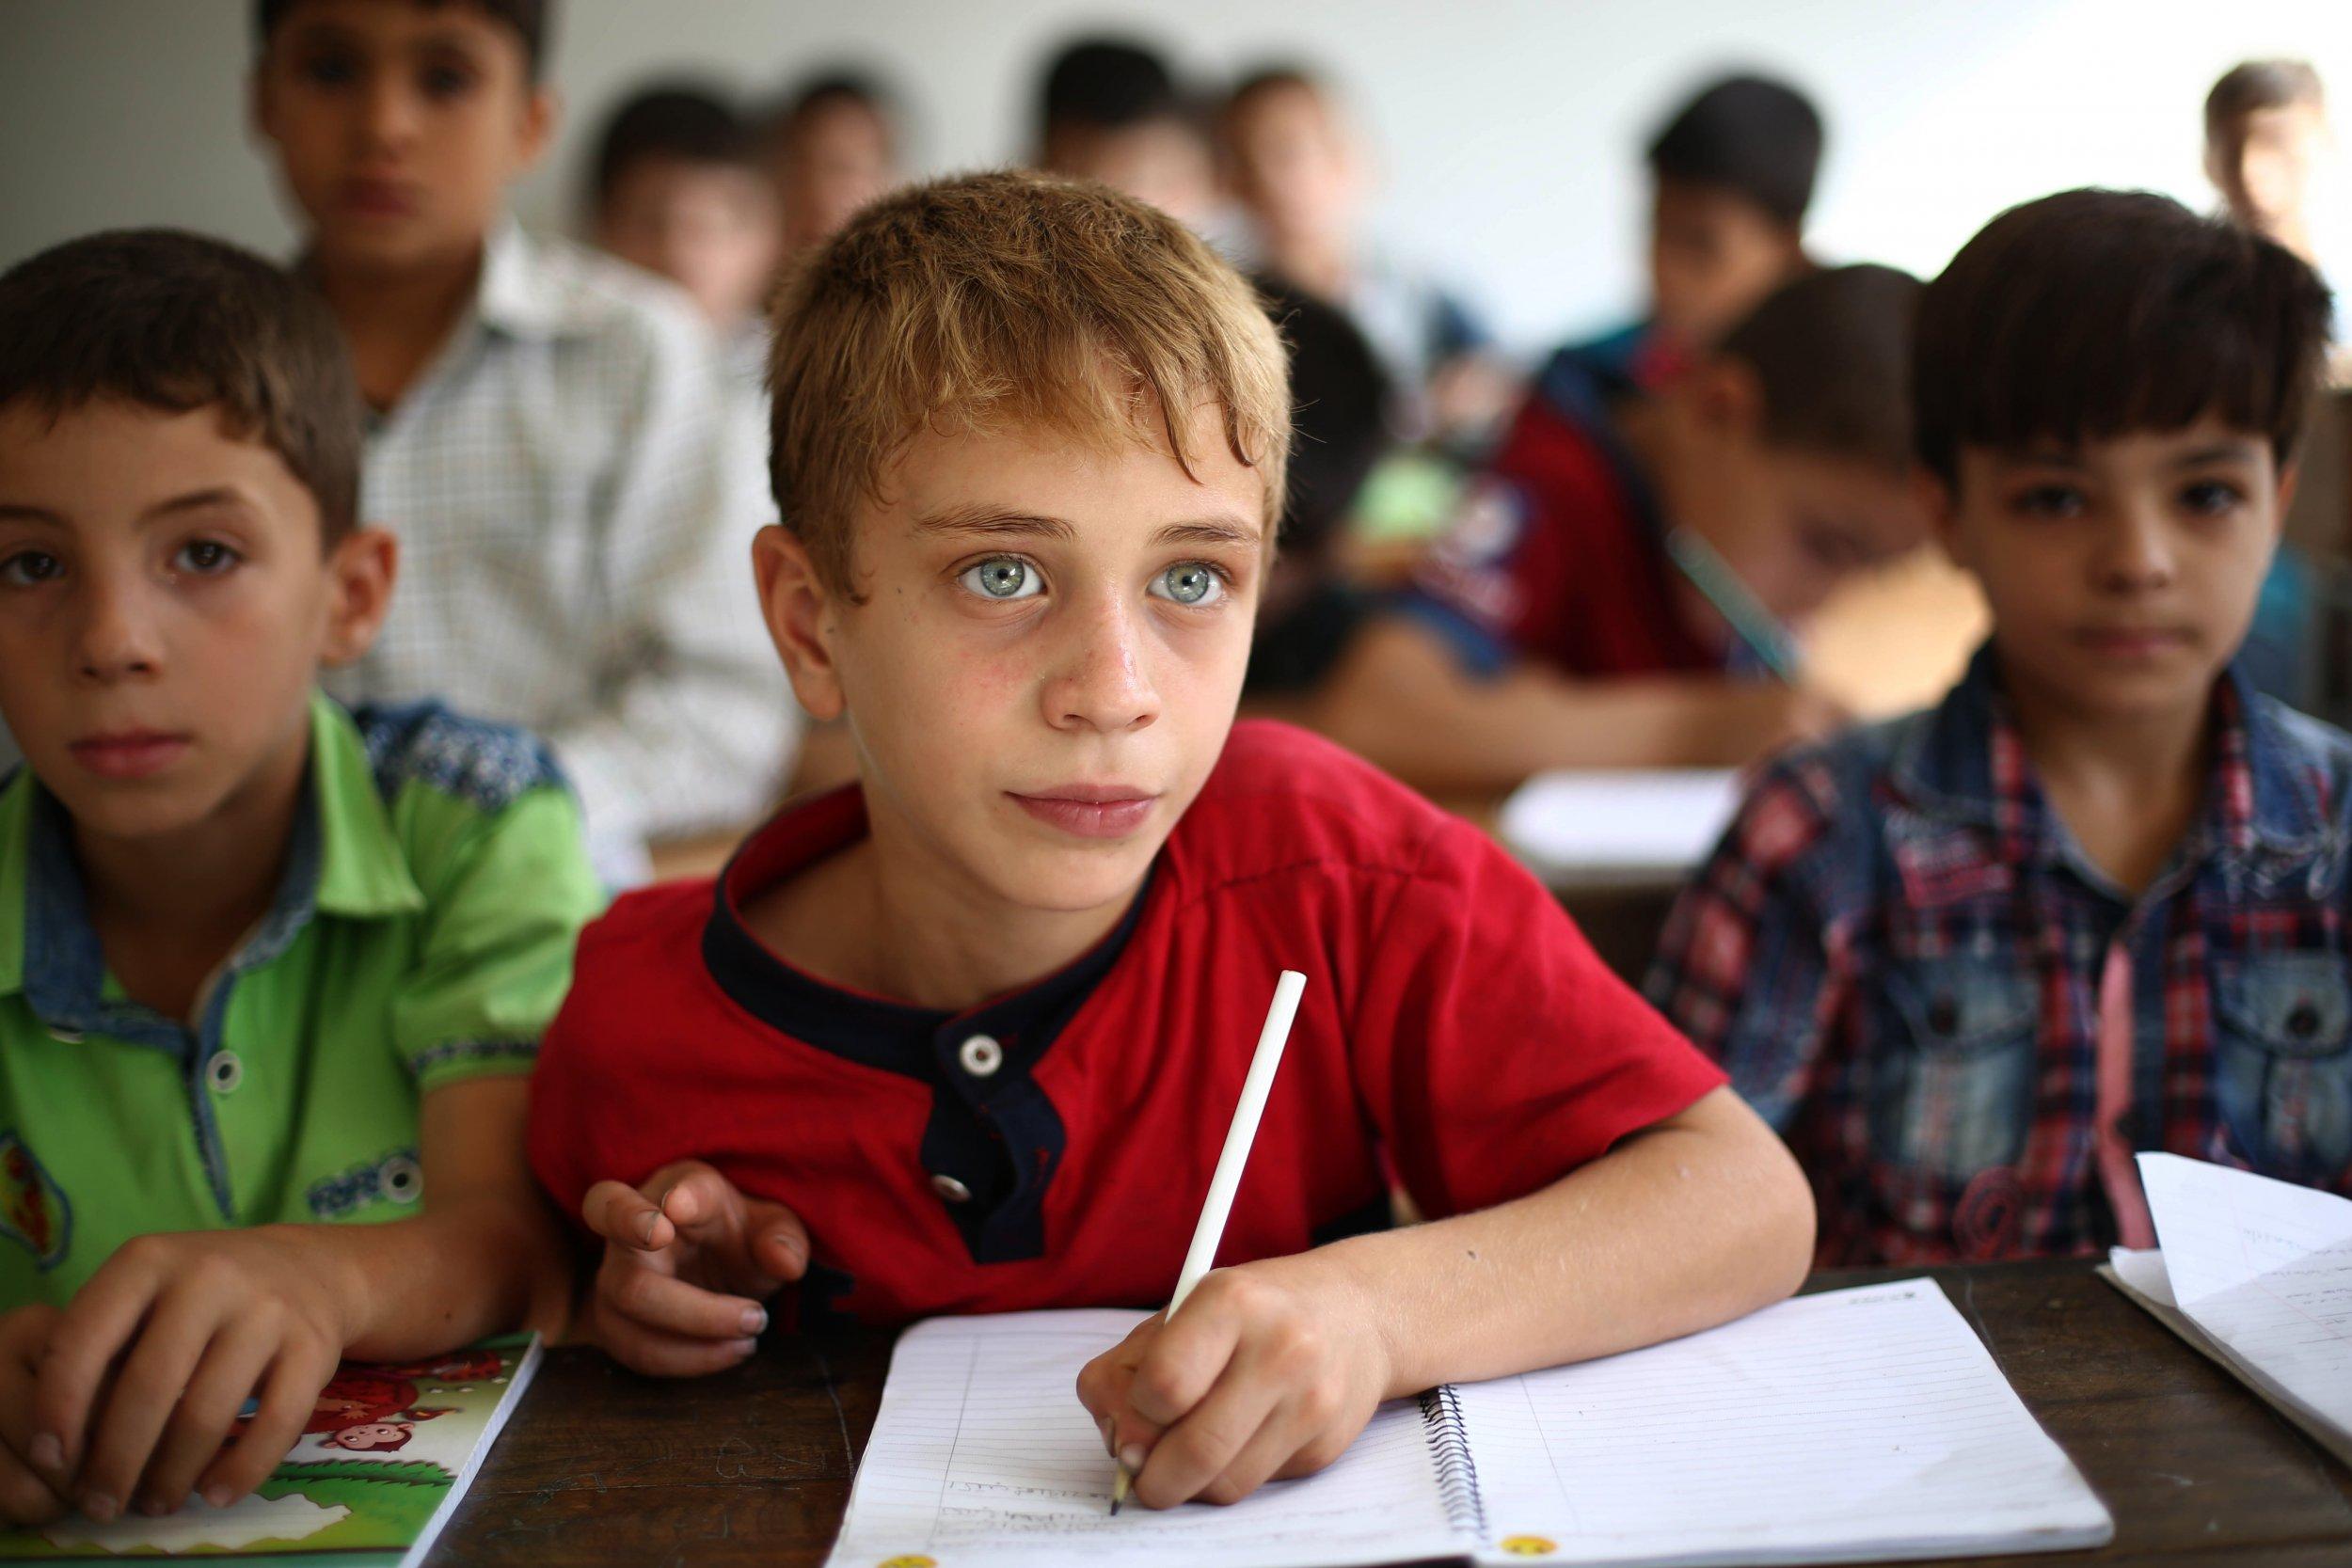 09_28_boys in school_01